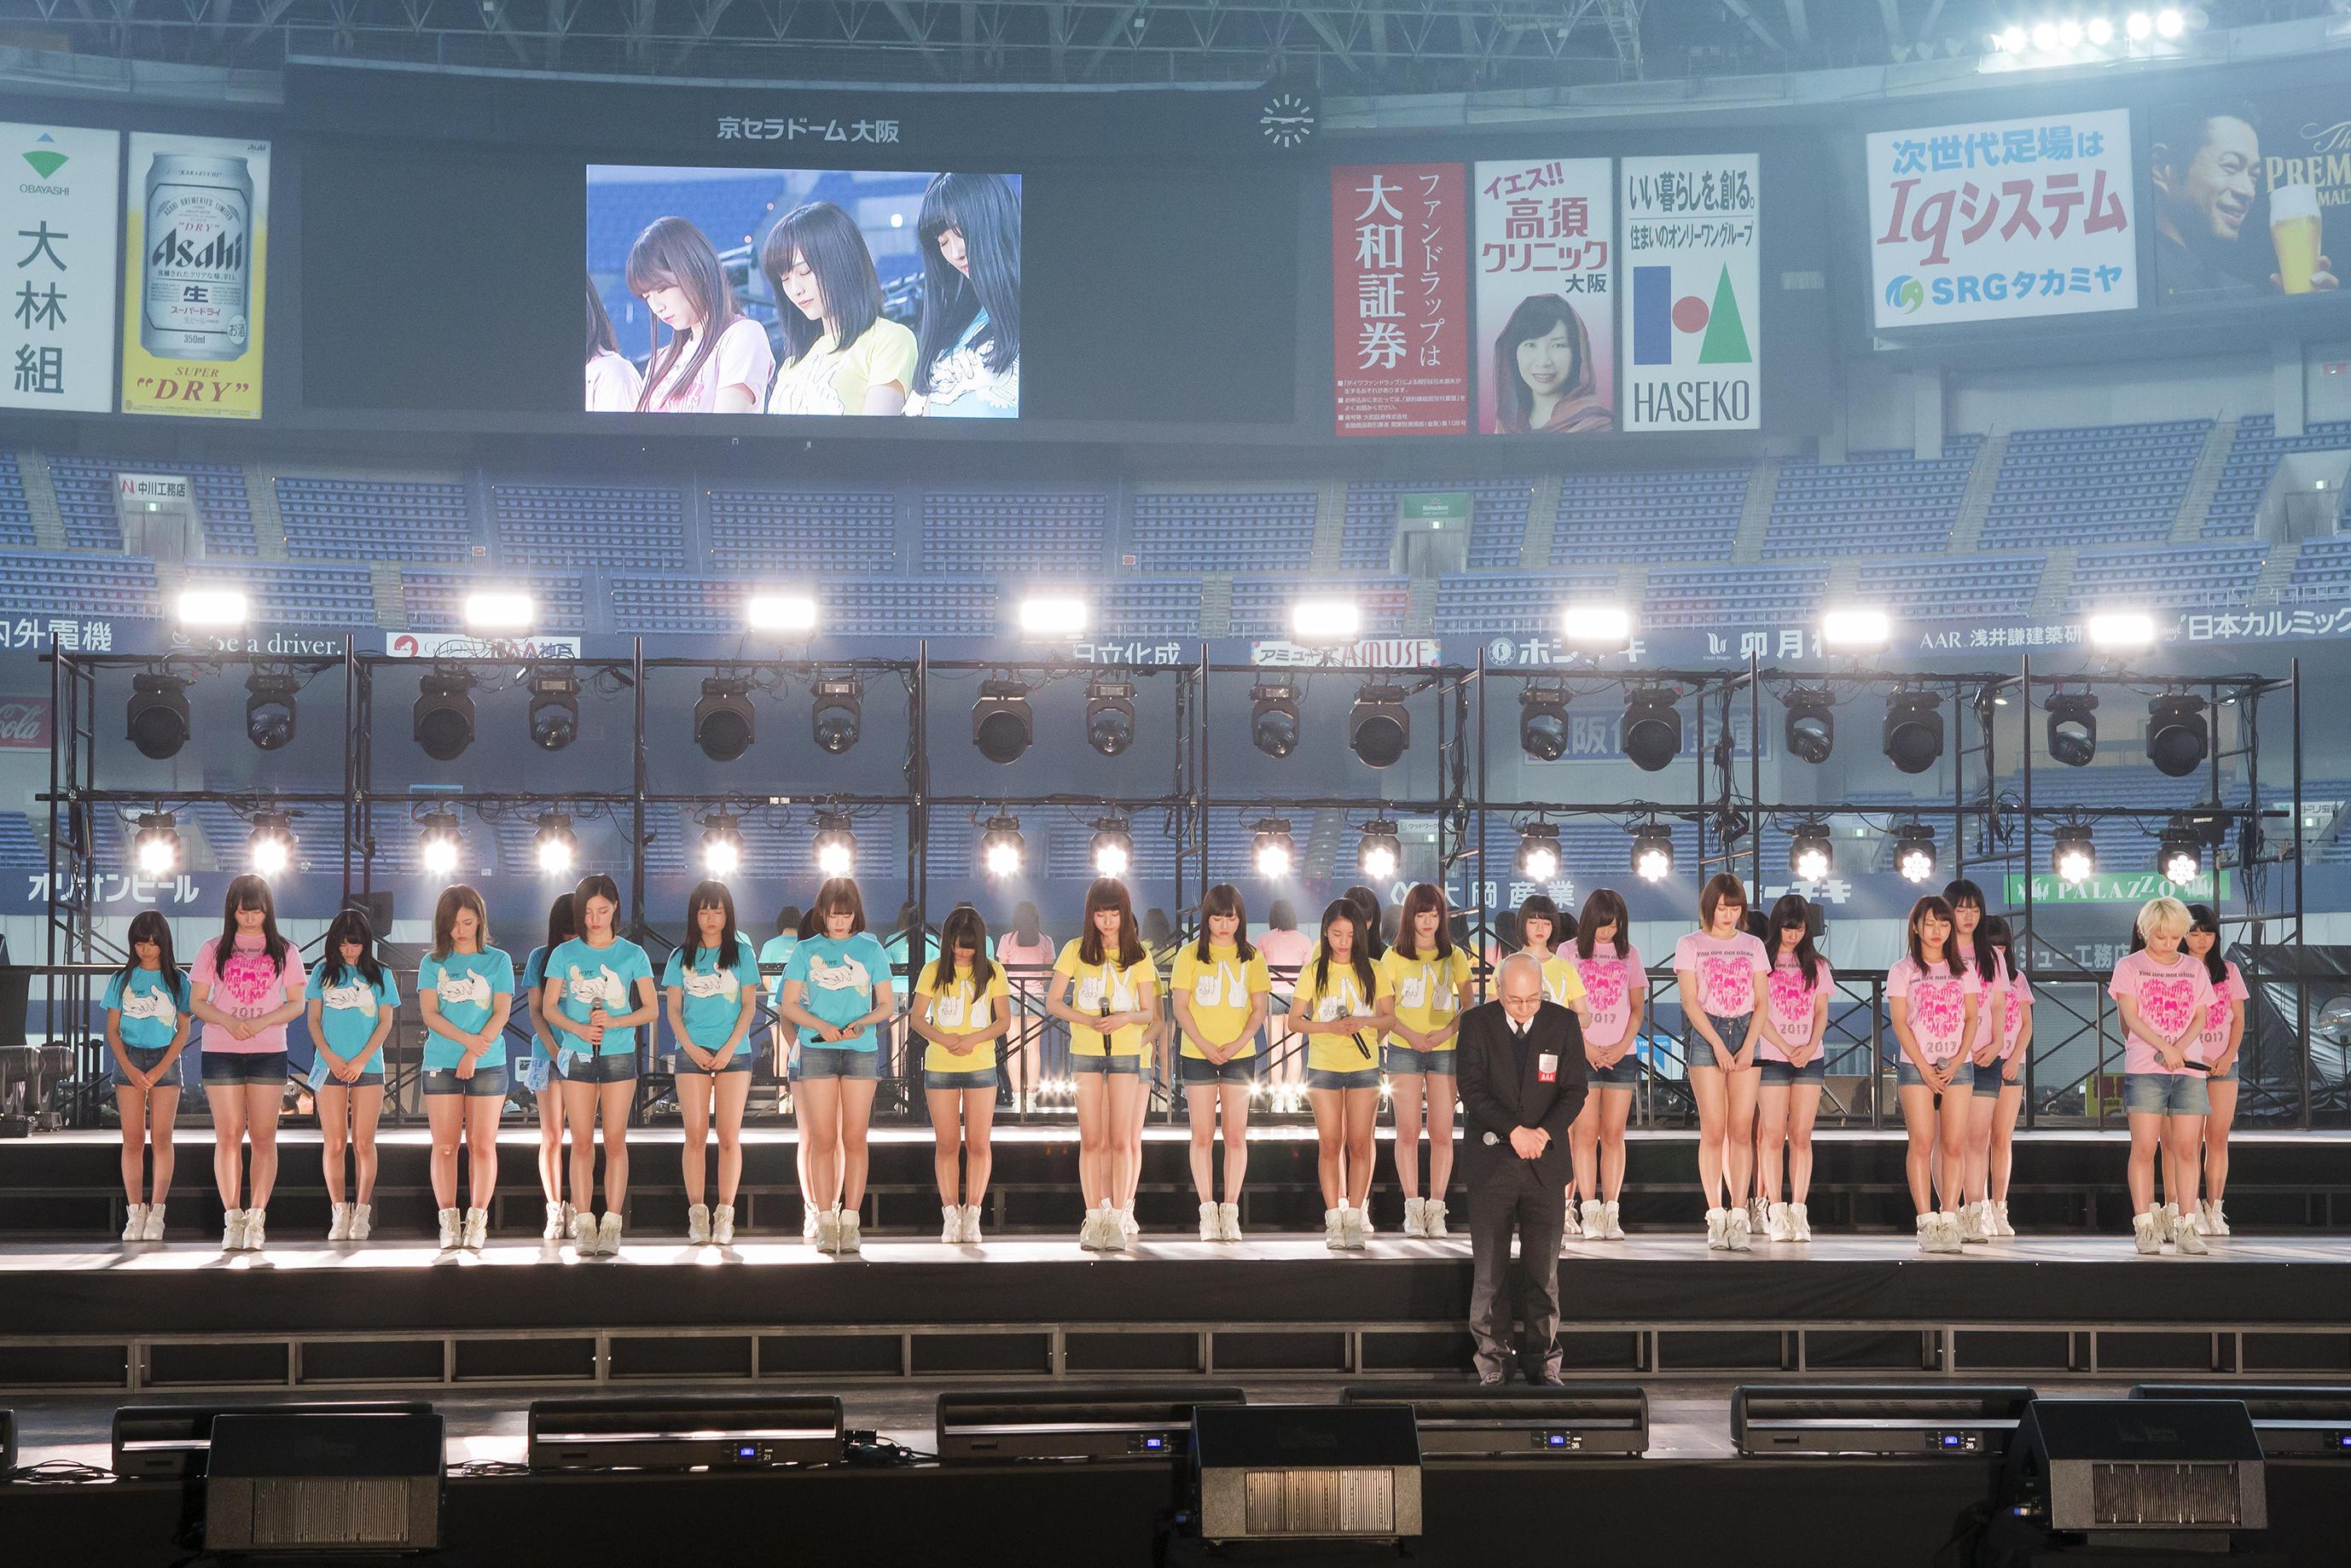 http://news.yoshimoto.co.jp/20170314203258-c0963770b8207730c014227a31efd39884f0e590.jpg